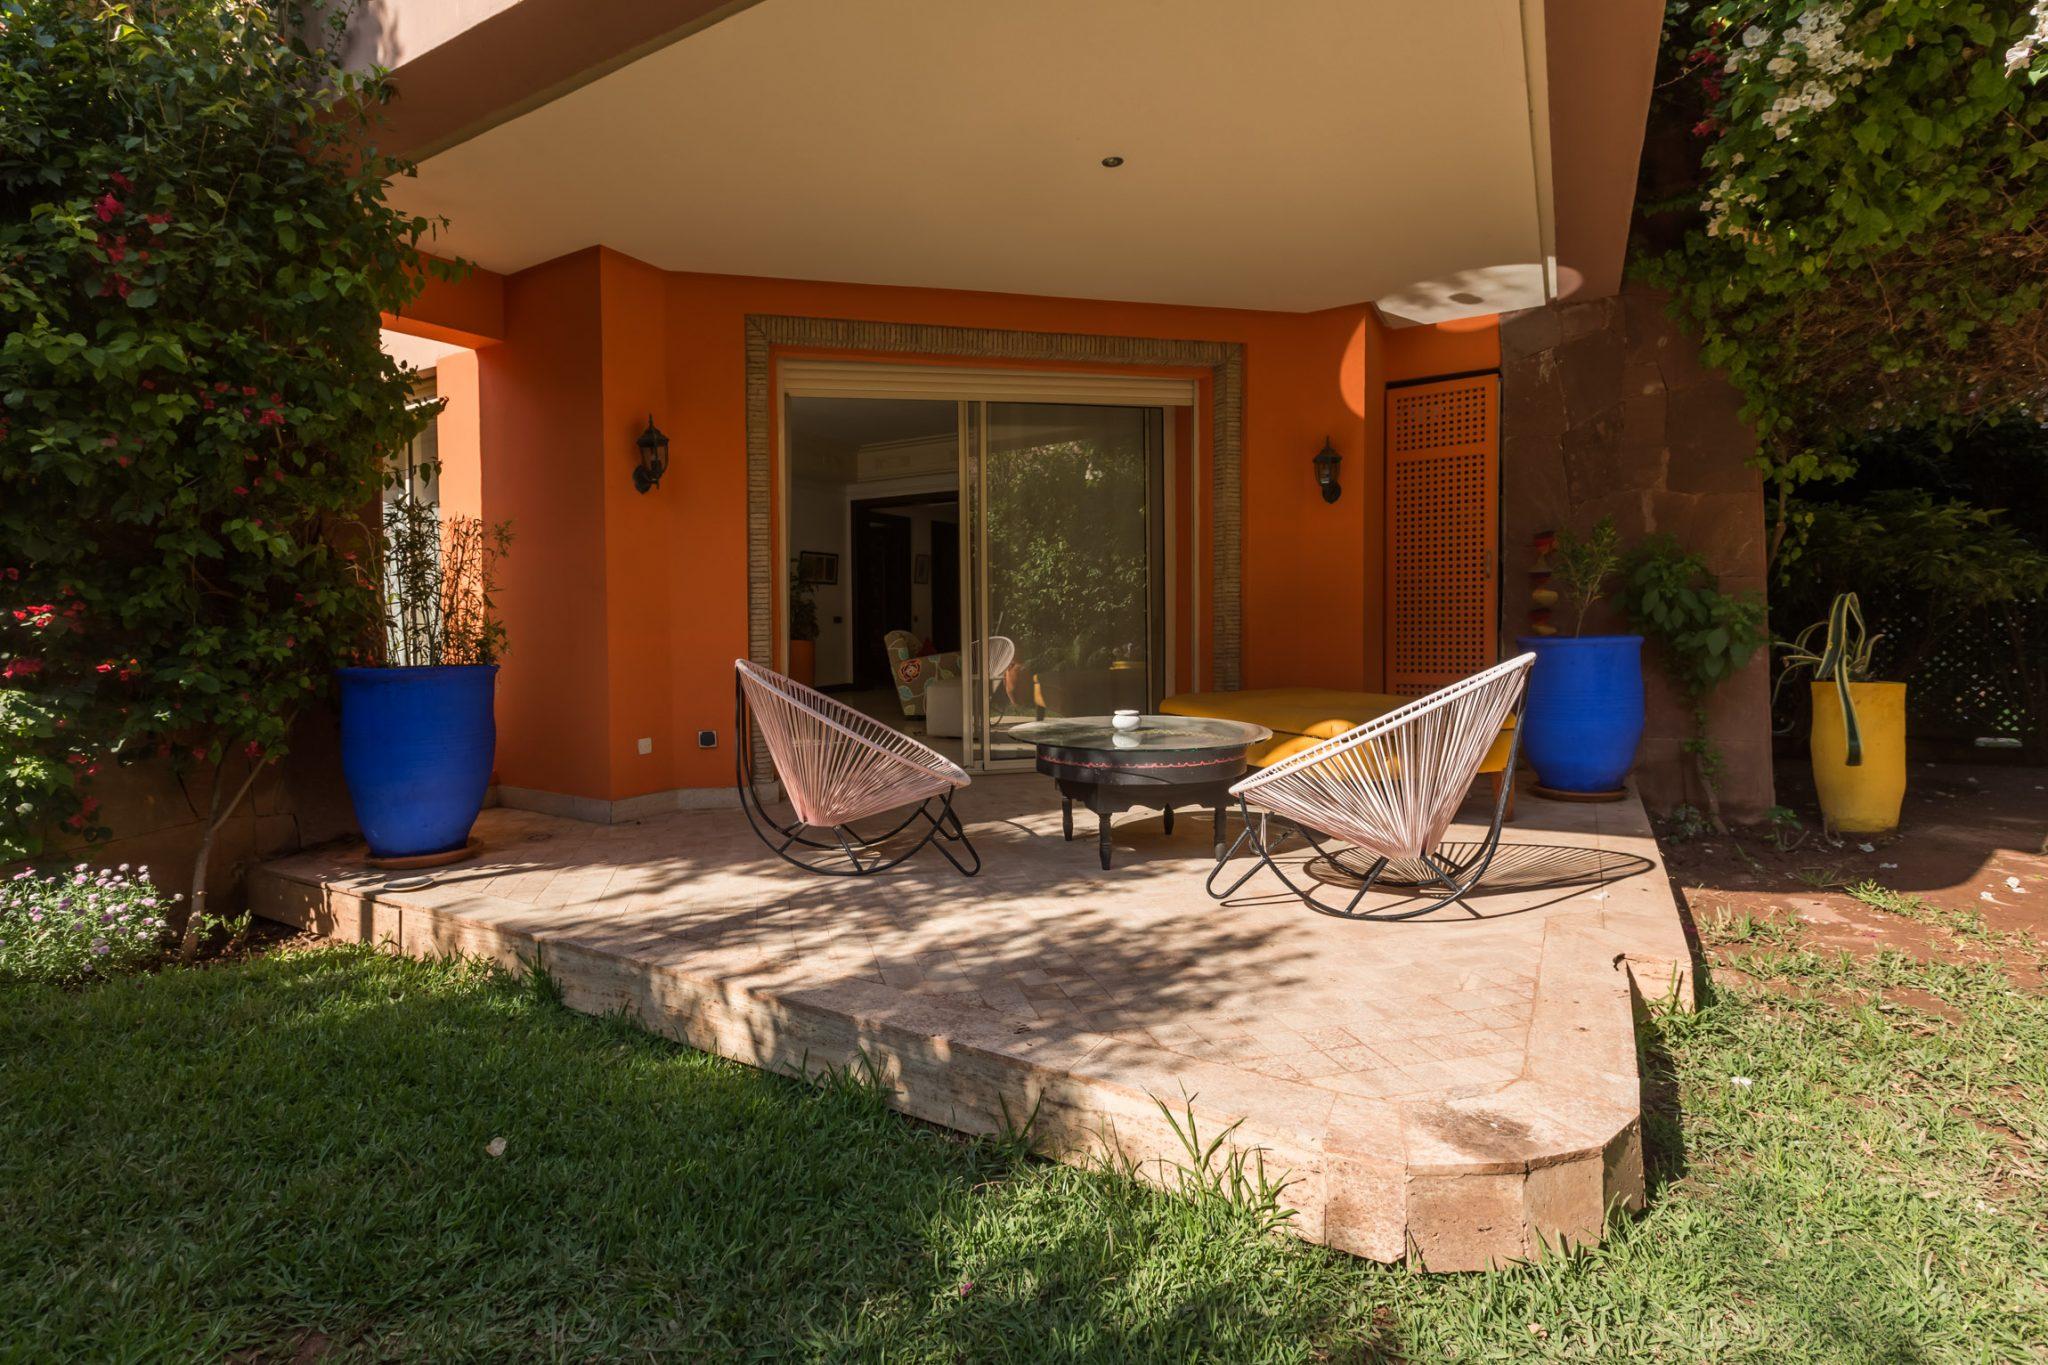 Location appartement marrakech splendide appartement avec jardin louer dans l 39 hivernage - Appartement a louer avec jardin ...